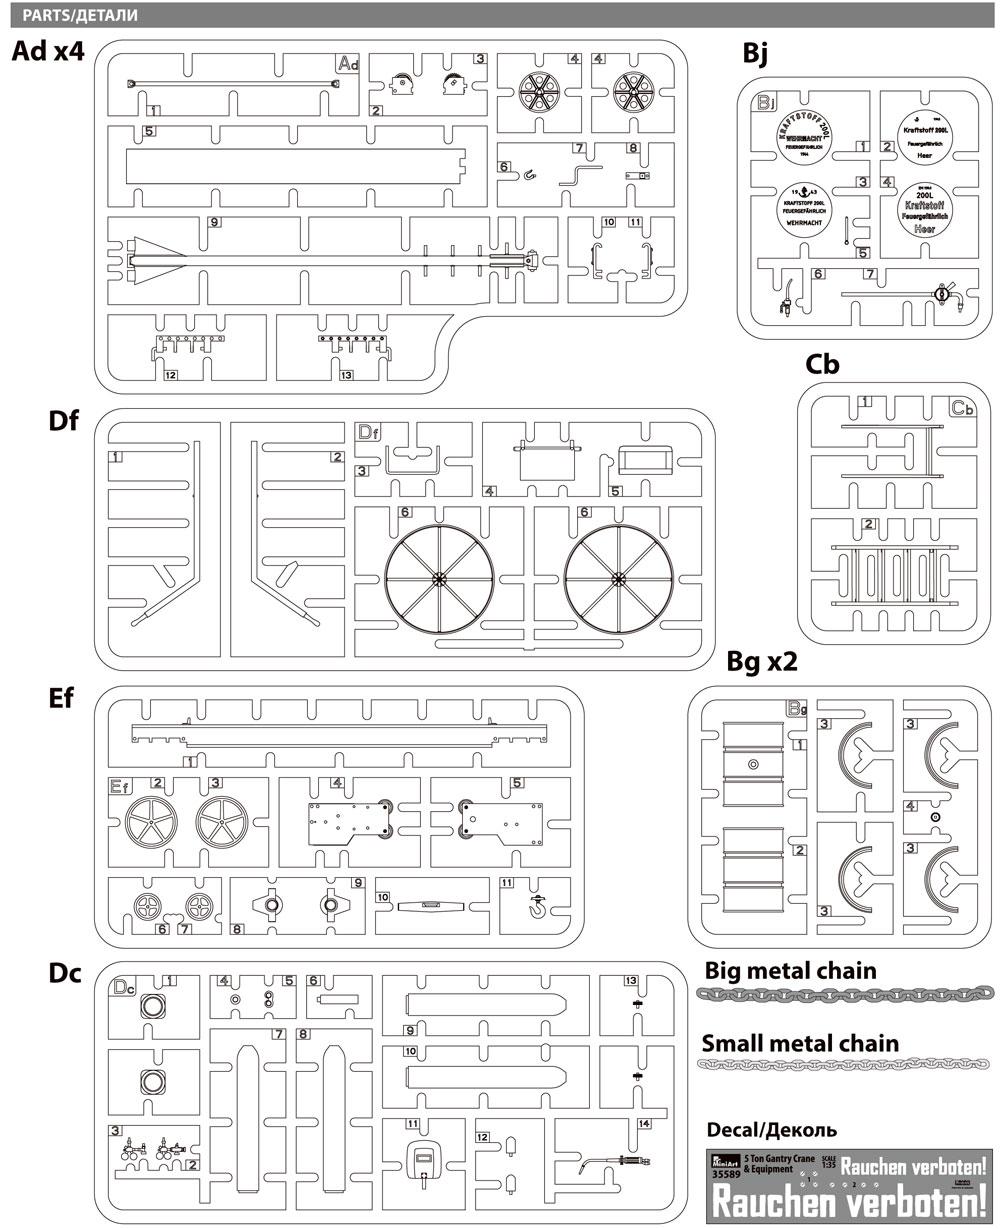 5トン ガントリークレーン & 機材各種プラモデル(ミニアート1/35 ビルディング&アクセサリー シリーズNo.35589)商品画像_1